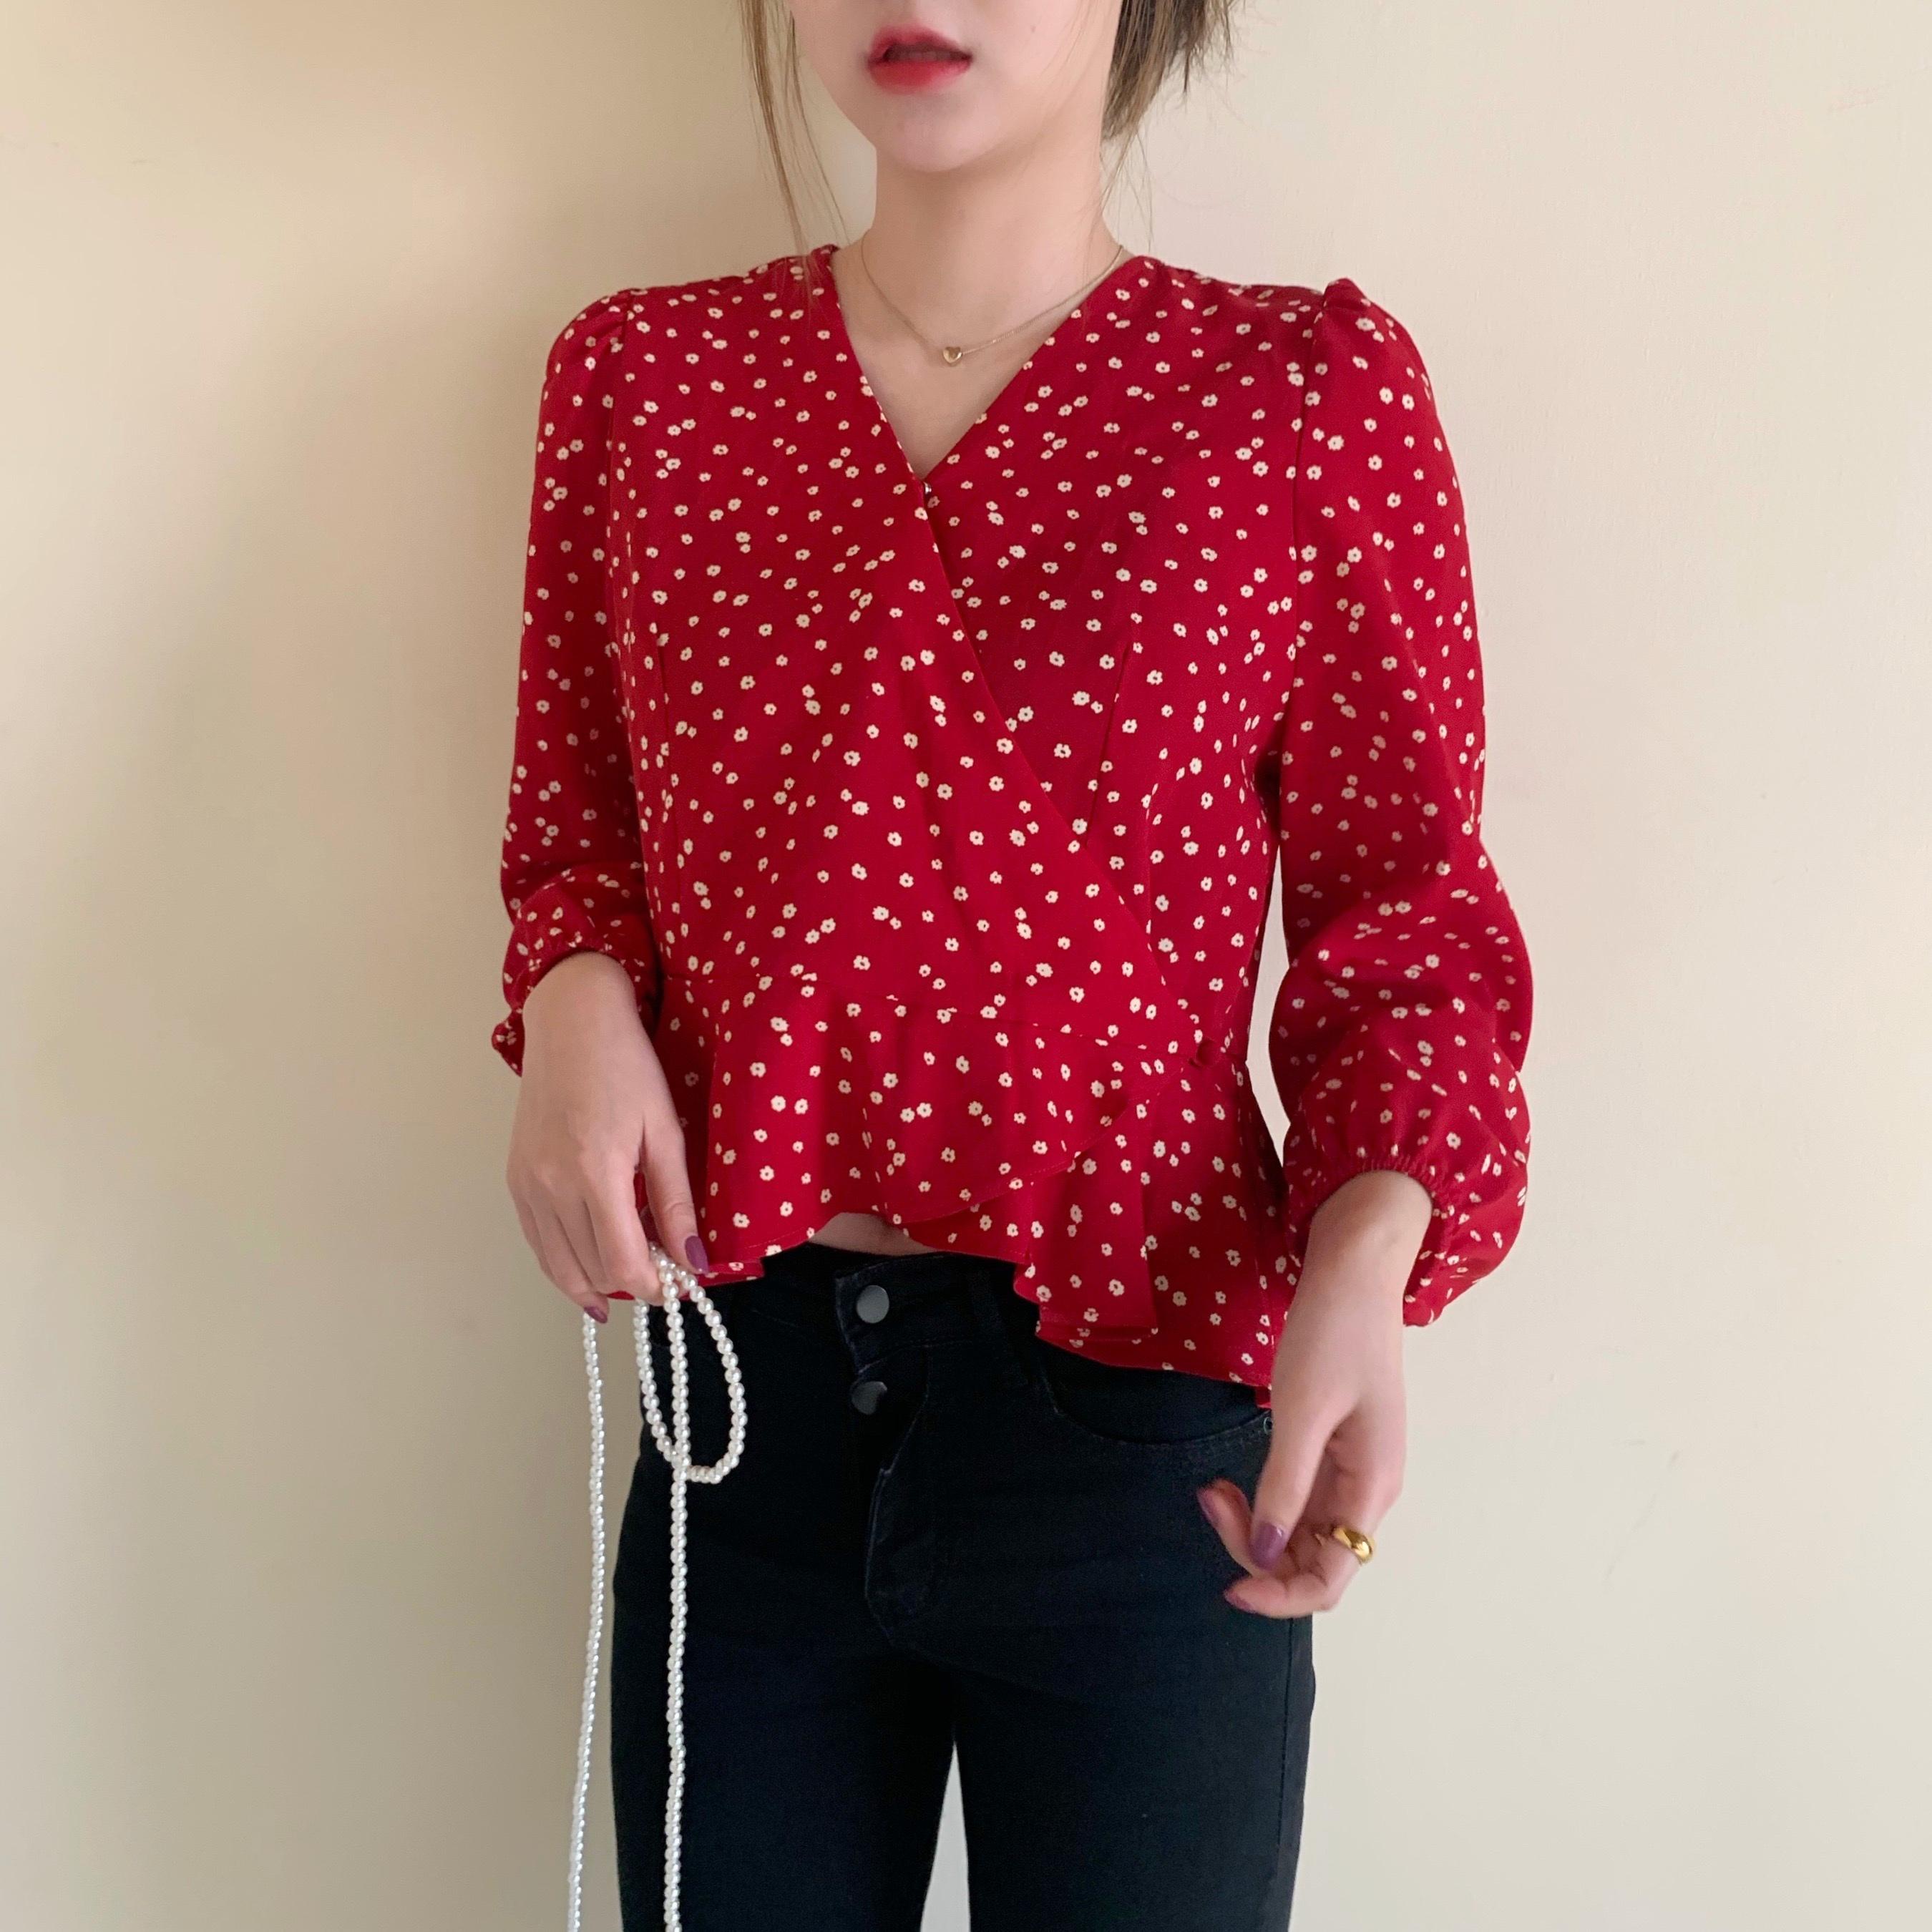 实拍红色碎花雪纺衫2020春新款荷叶边衬衫女设计感小众衬衣-Lucky-